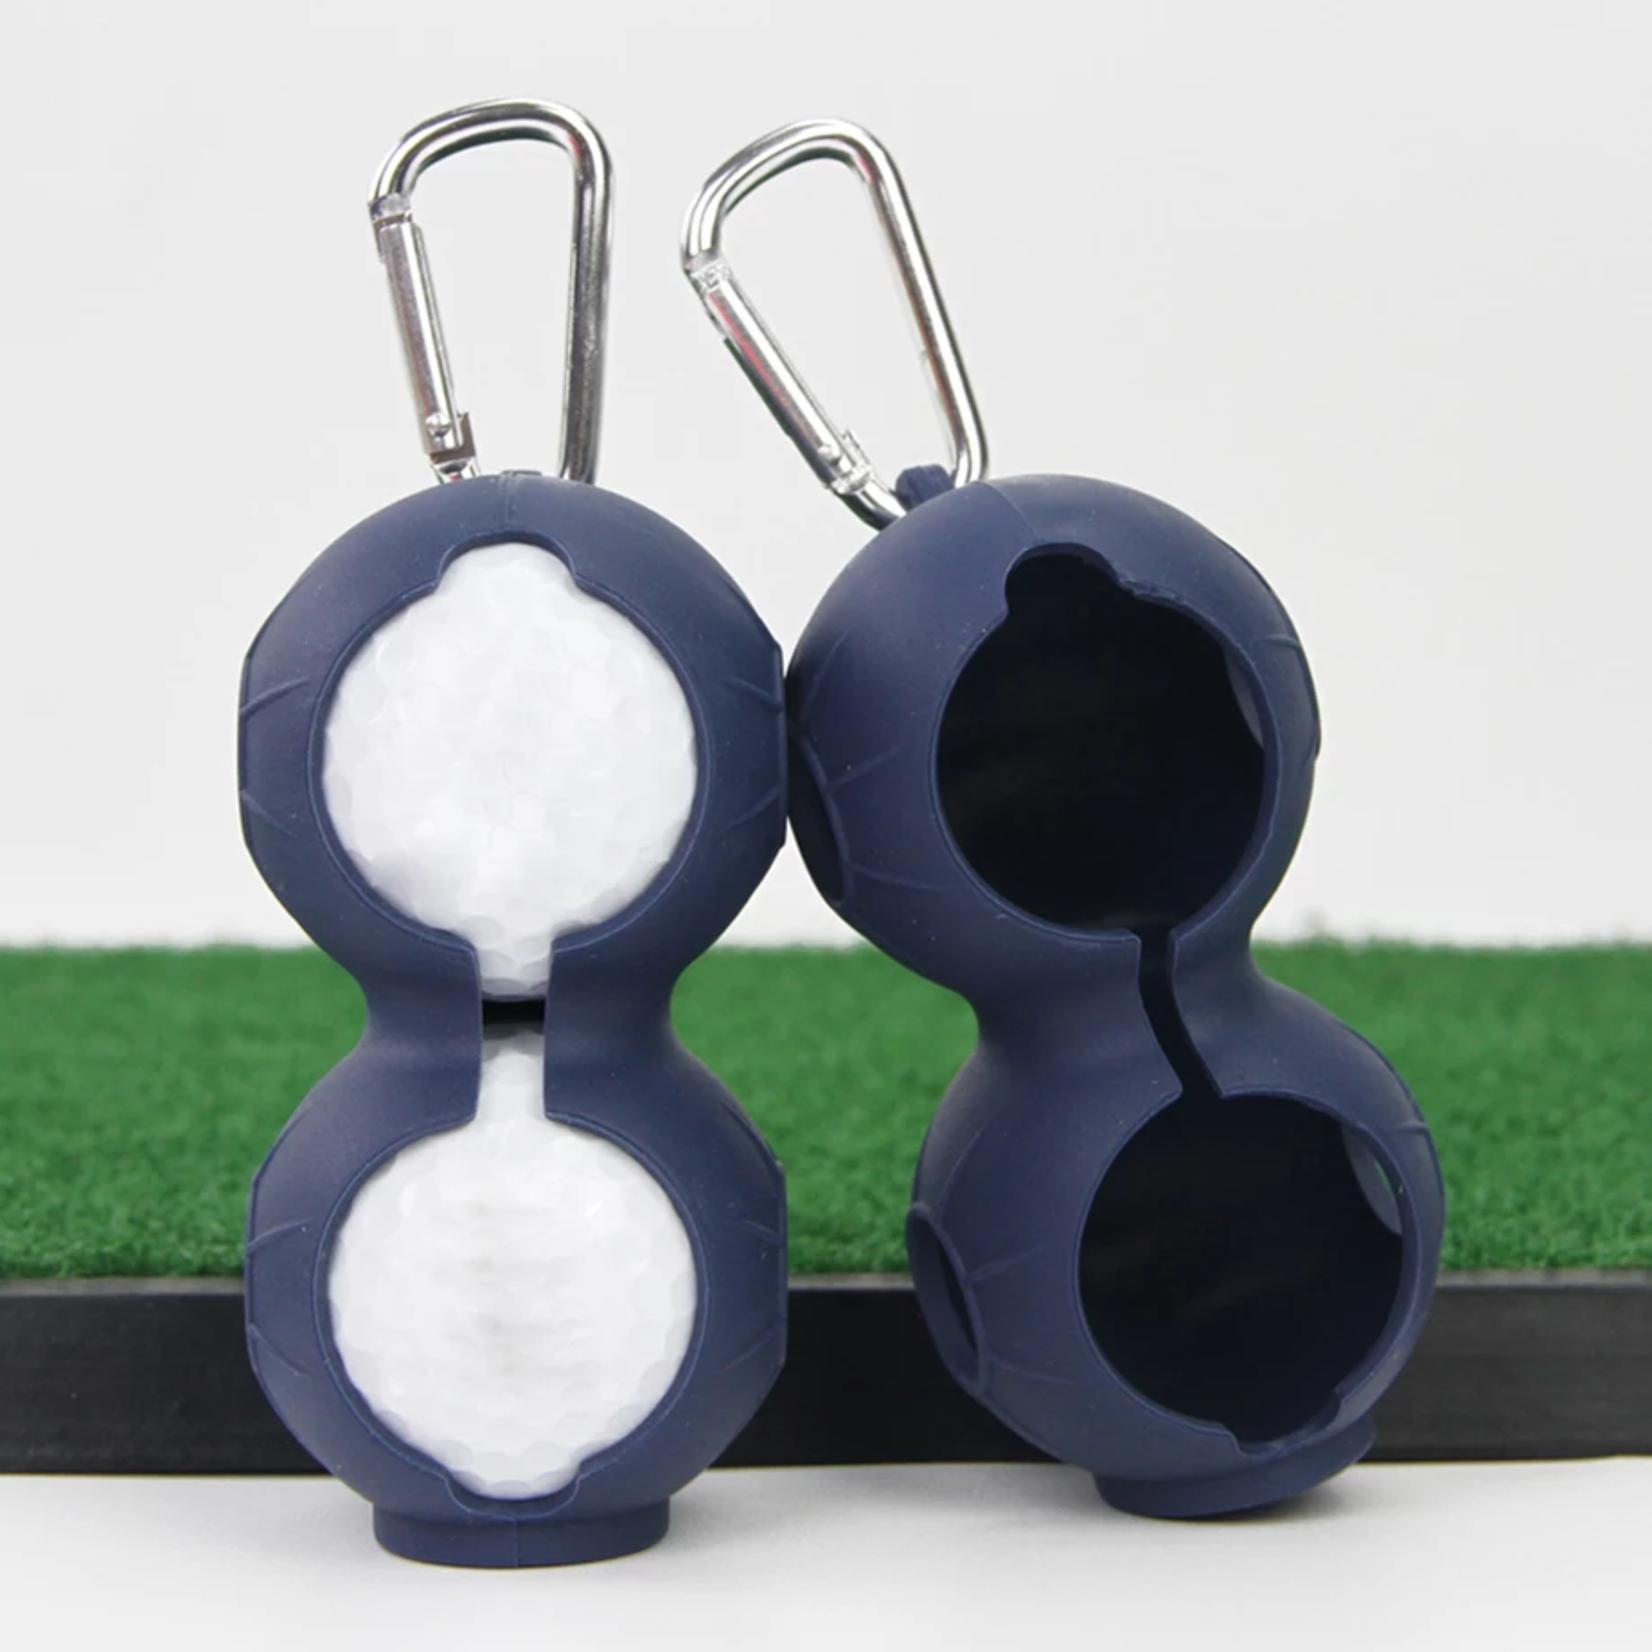 Jobber Golf Jobber Golf – Golfbalhouder voor 2 golfballen